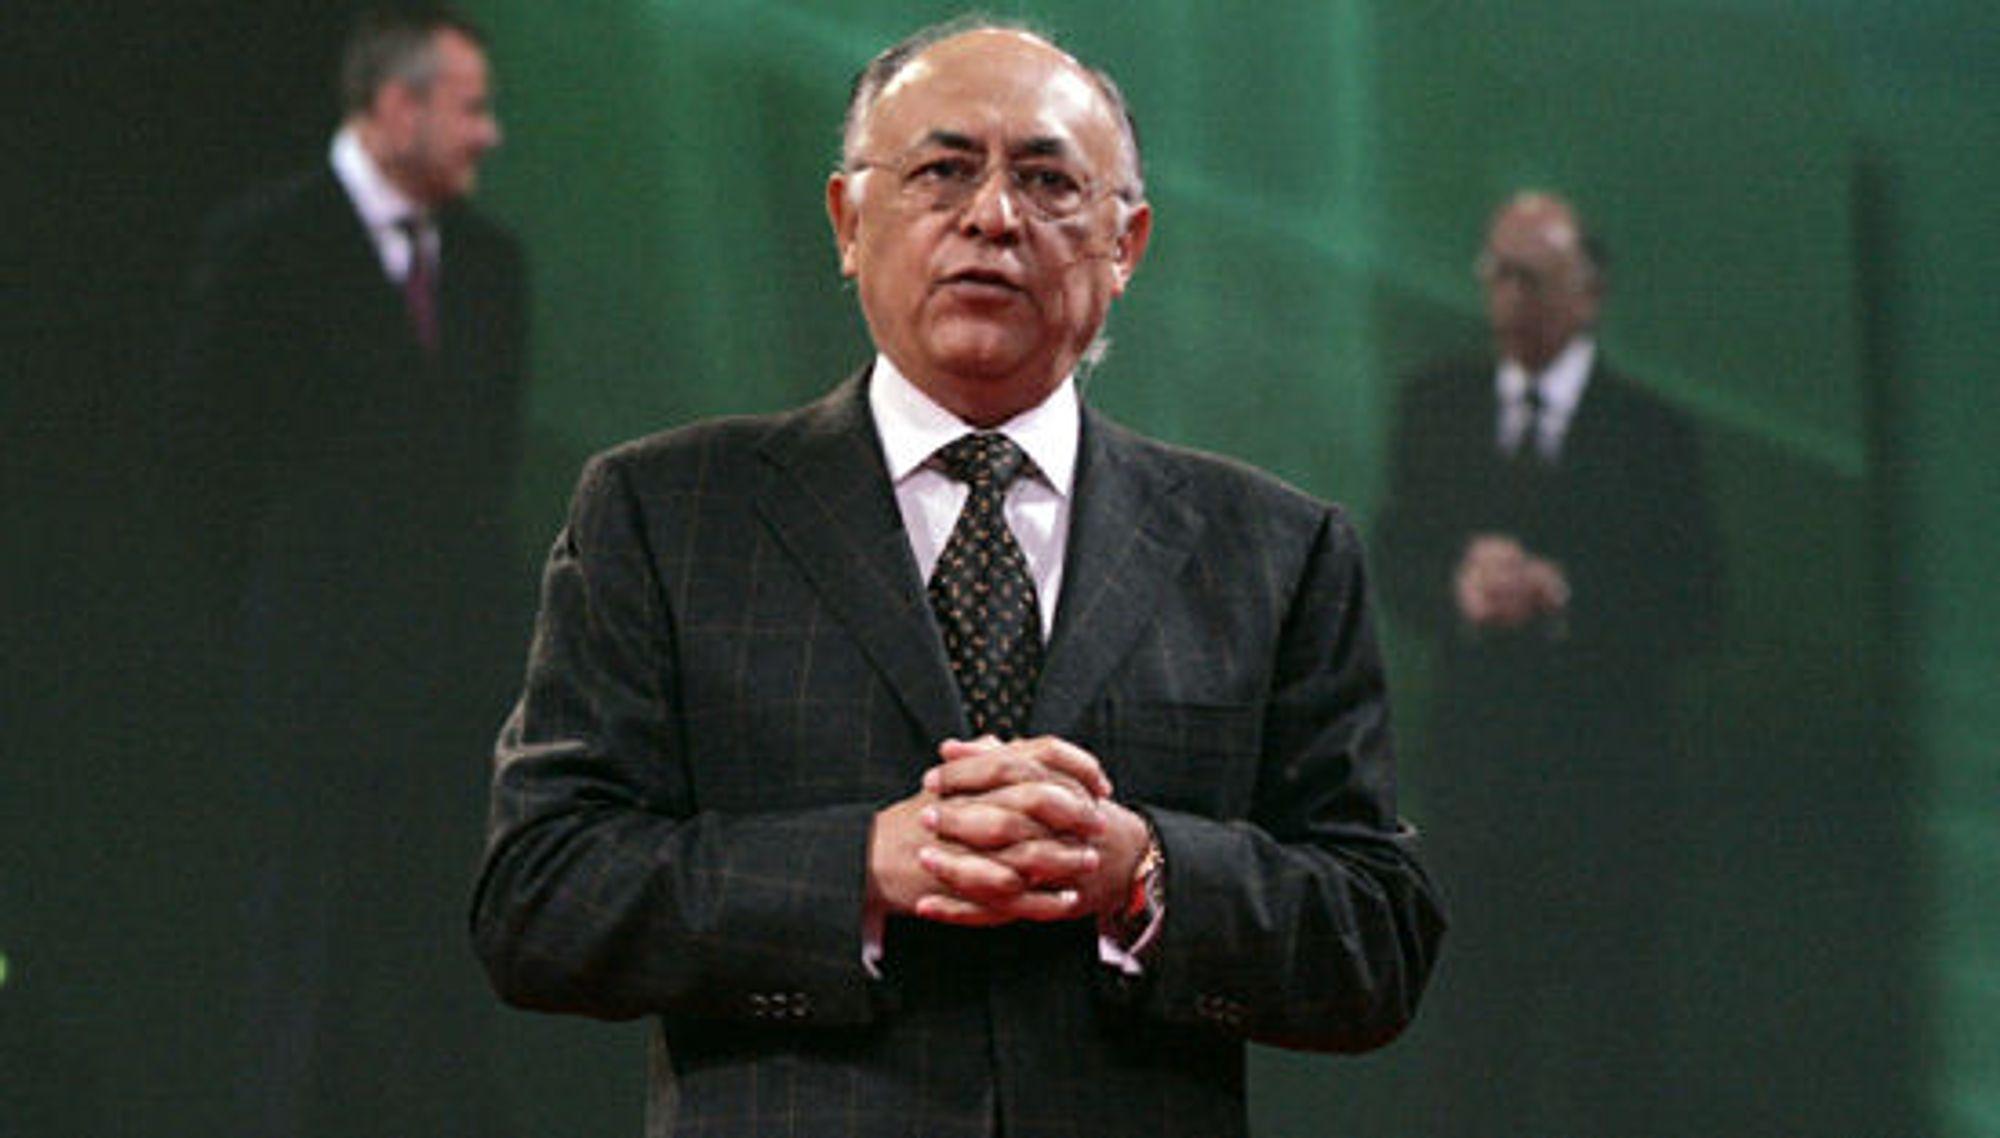 AMDs CEO Hector Ruiz